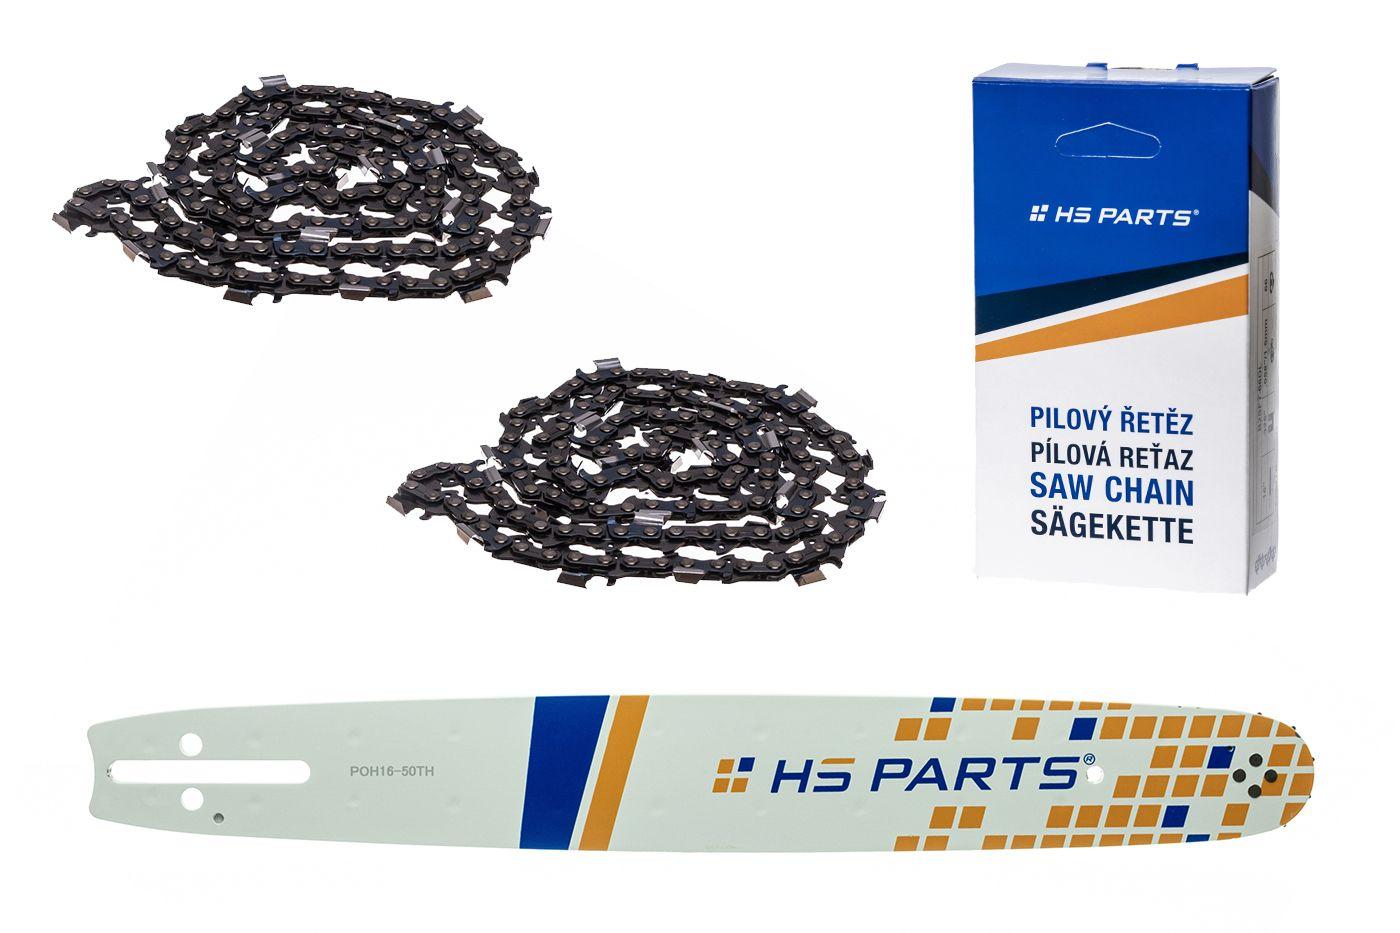 """HS PARTS Akční set vodící lišta 16"""" (40 cm) .325"""" .050"""" (1,3 mm) + 2 x pilový řetěz 66 čl."""